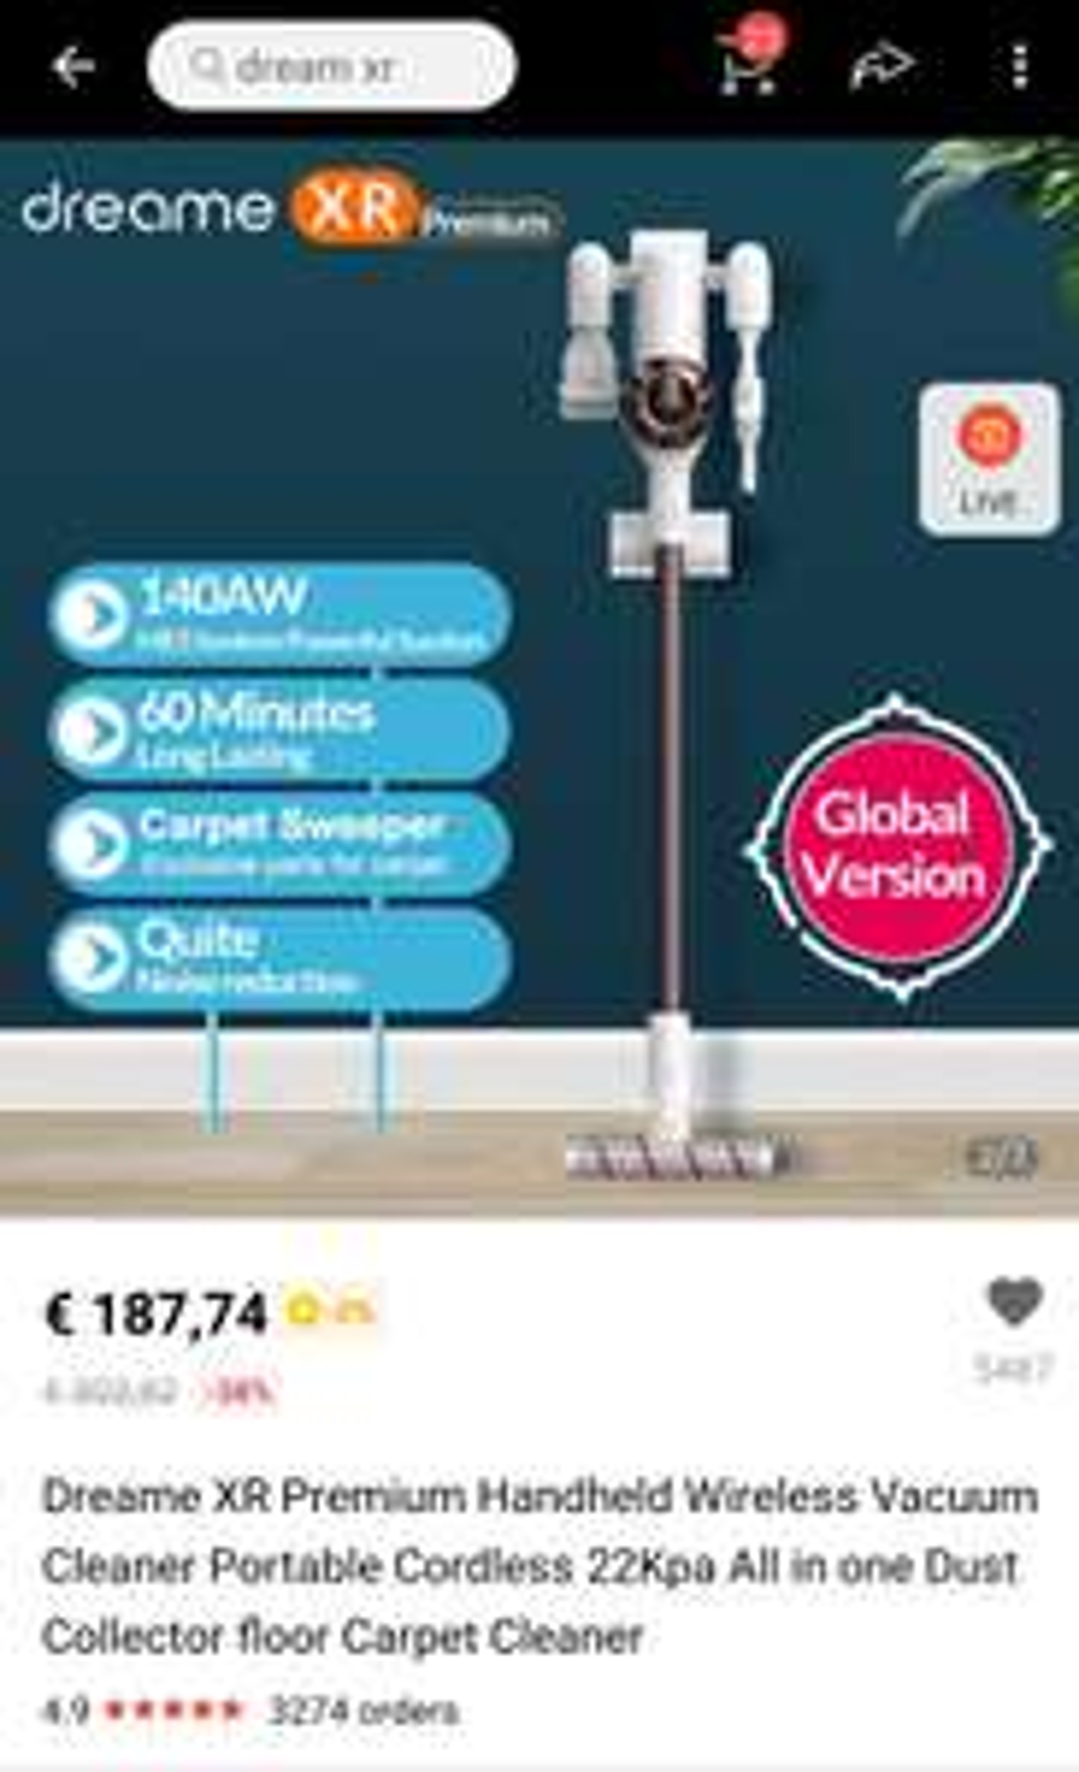 Xiaomi Dreame XR draadloze stofzuiger verzending vanuit Spanje of Polen